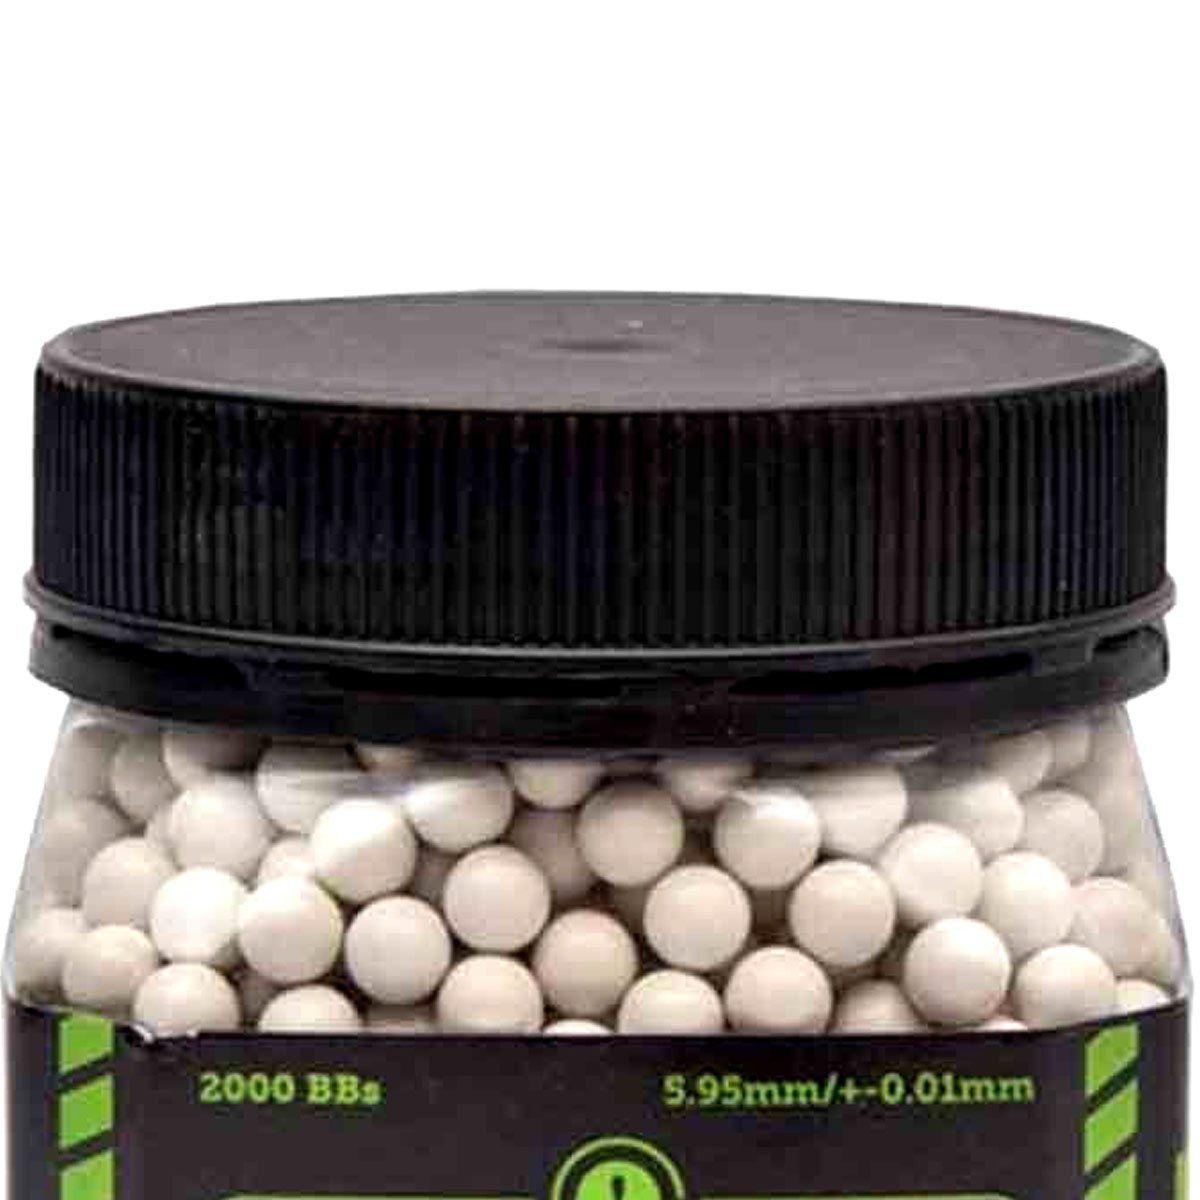 Esferas Plásticas BBs Bio Attack Sniper 6mm 0,30g 2000un